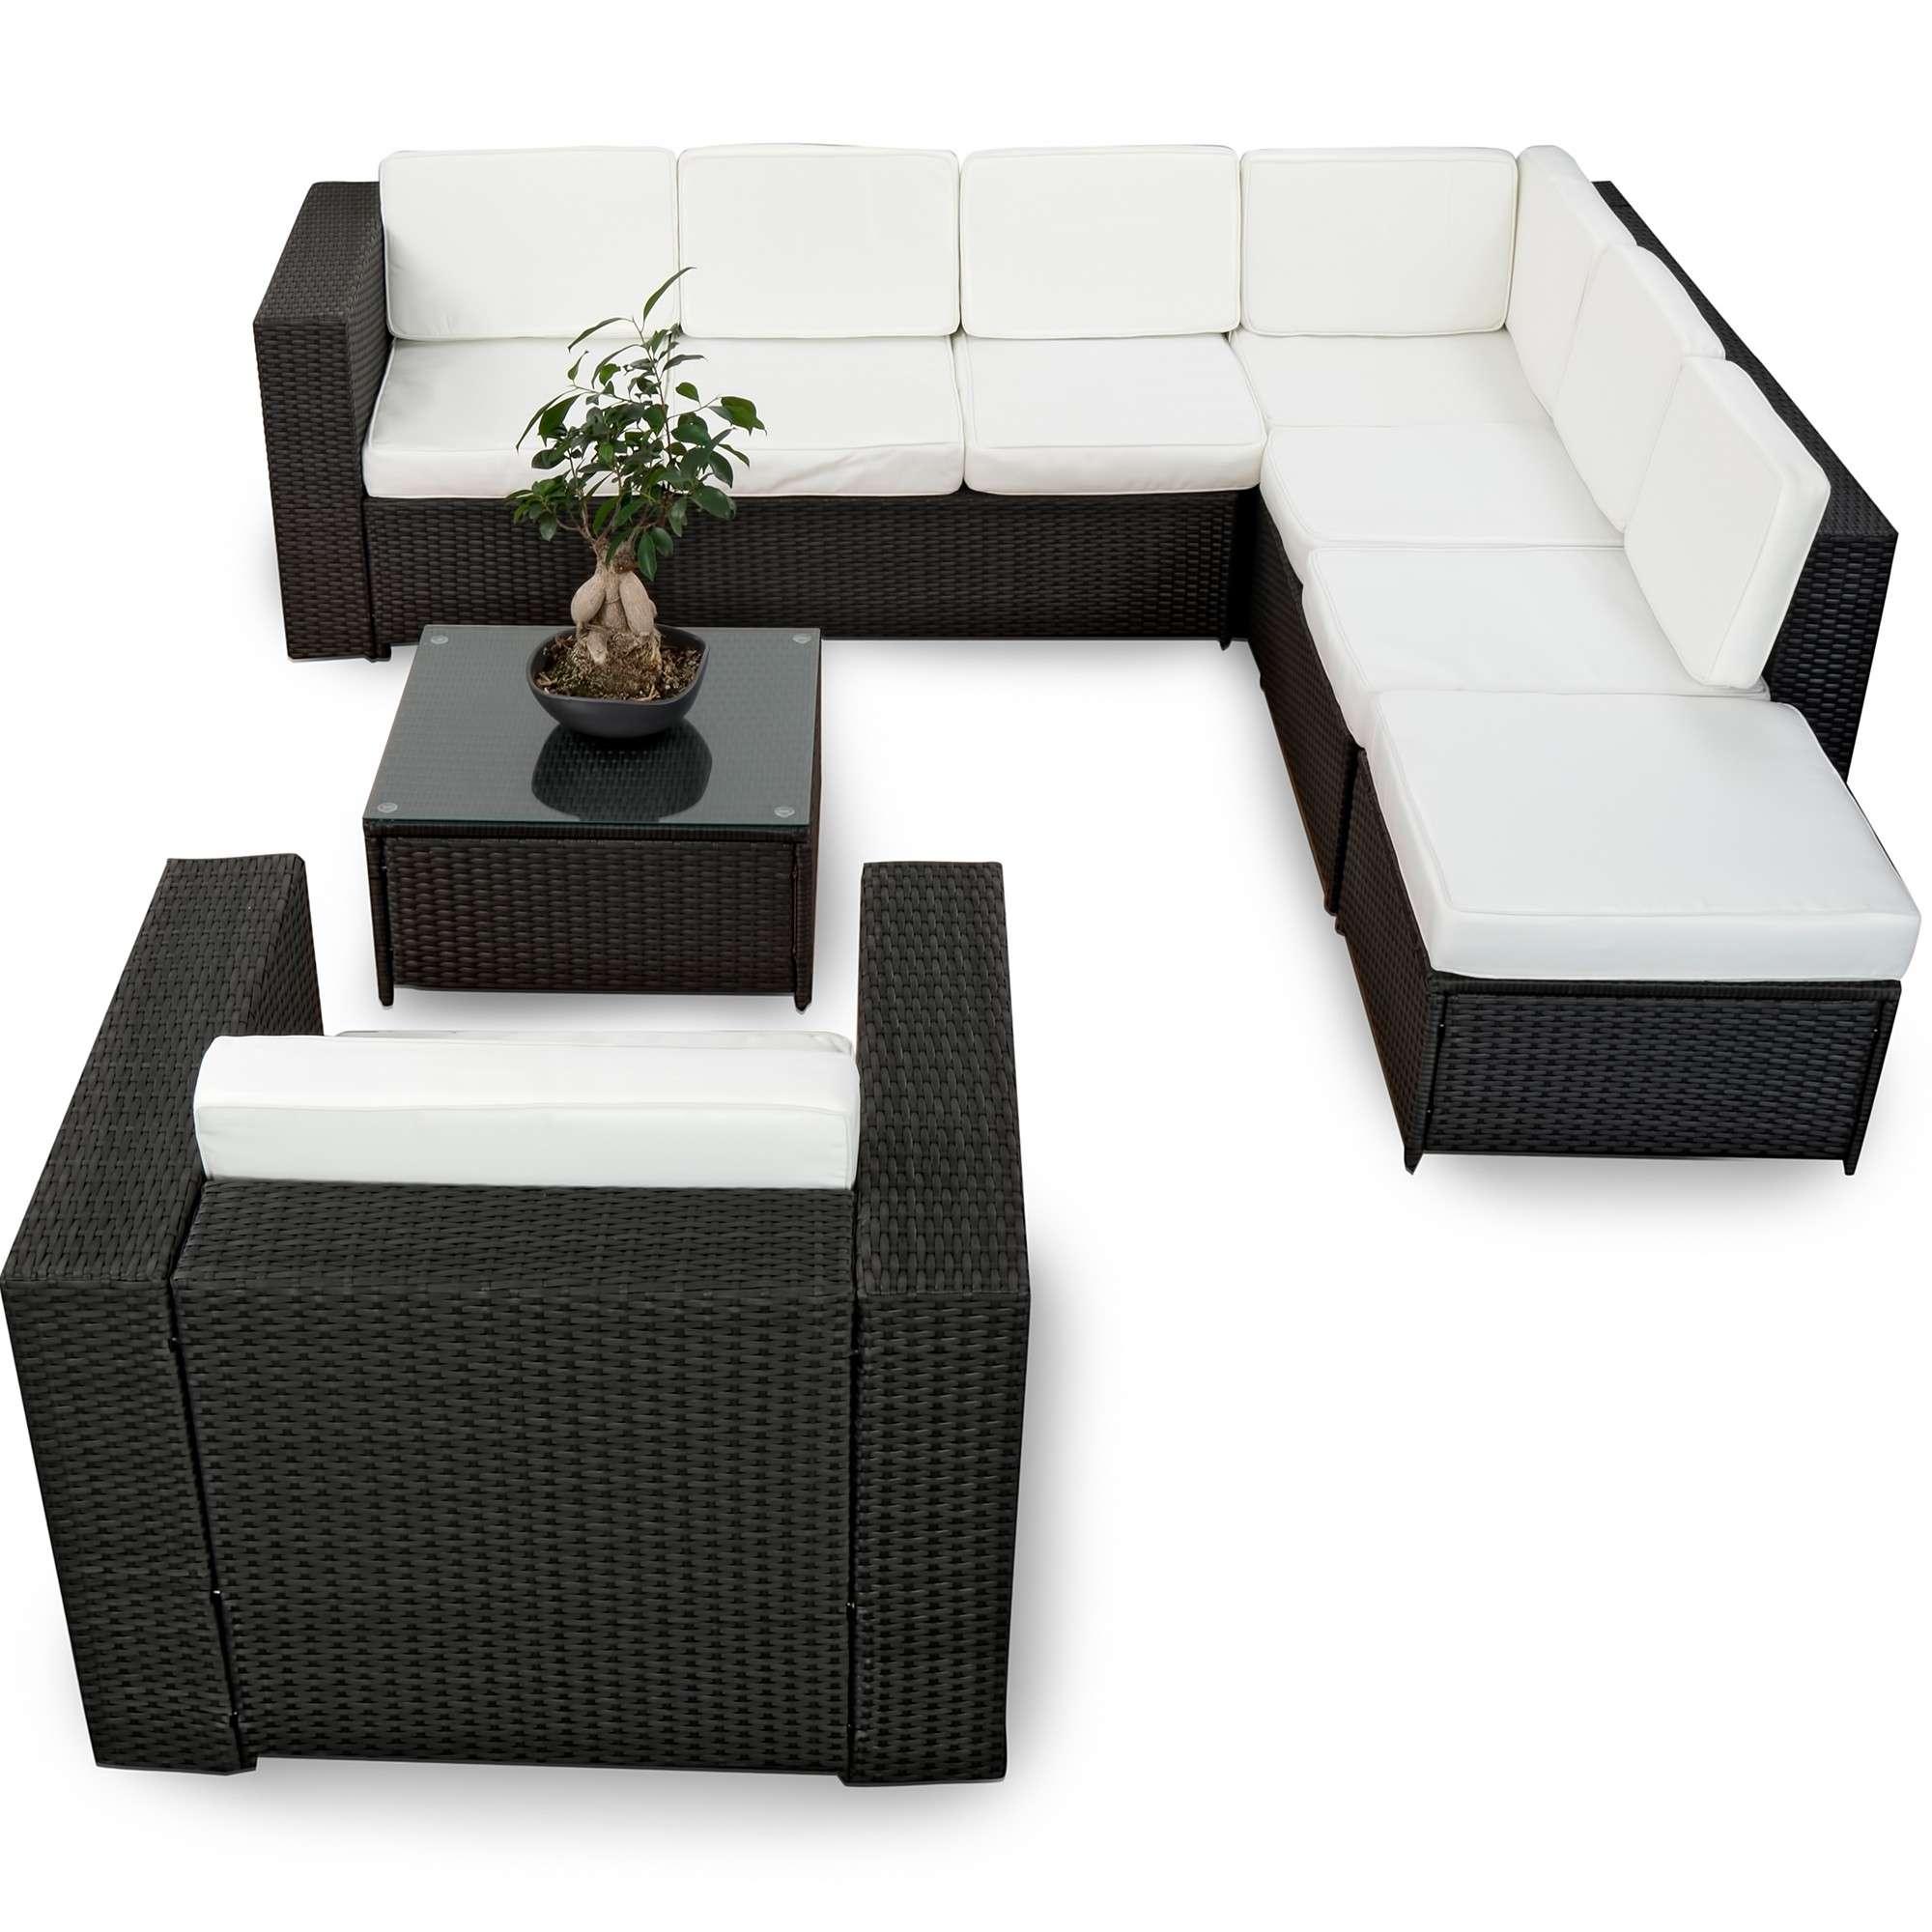 Garten Lounge Ecke ▻ günstig ◅ Garten Ecklounge kaufen